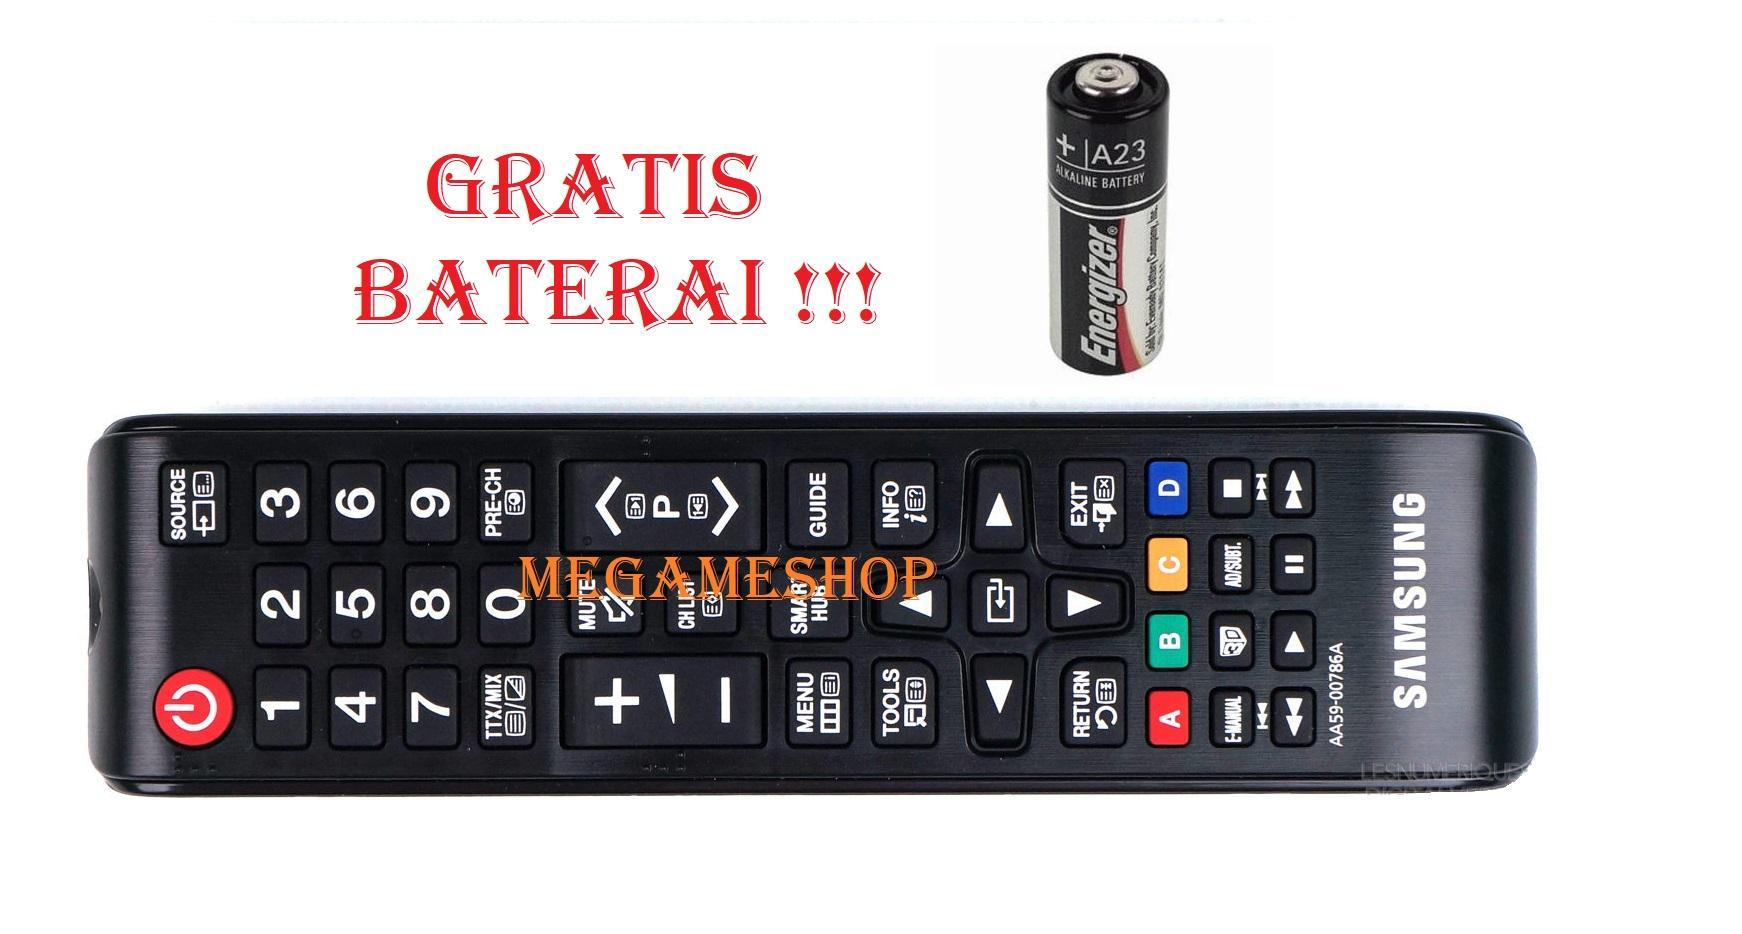 Samsung Remote TV LCD LED ORIGINAL bukan KW Plus Gratis Baterai_Megameshop